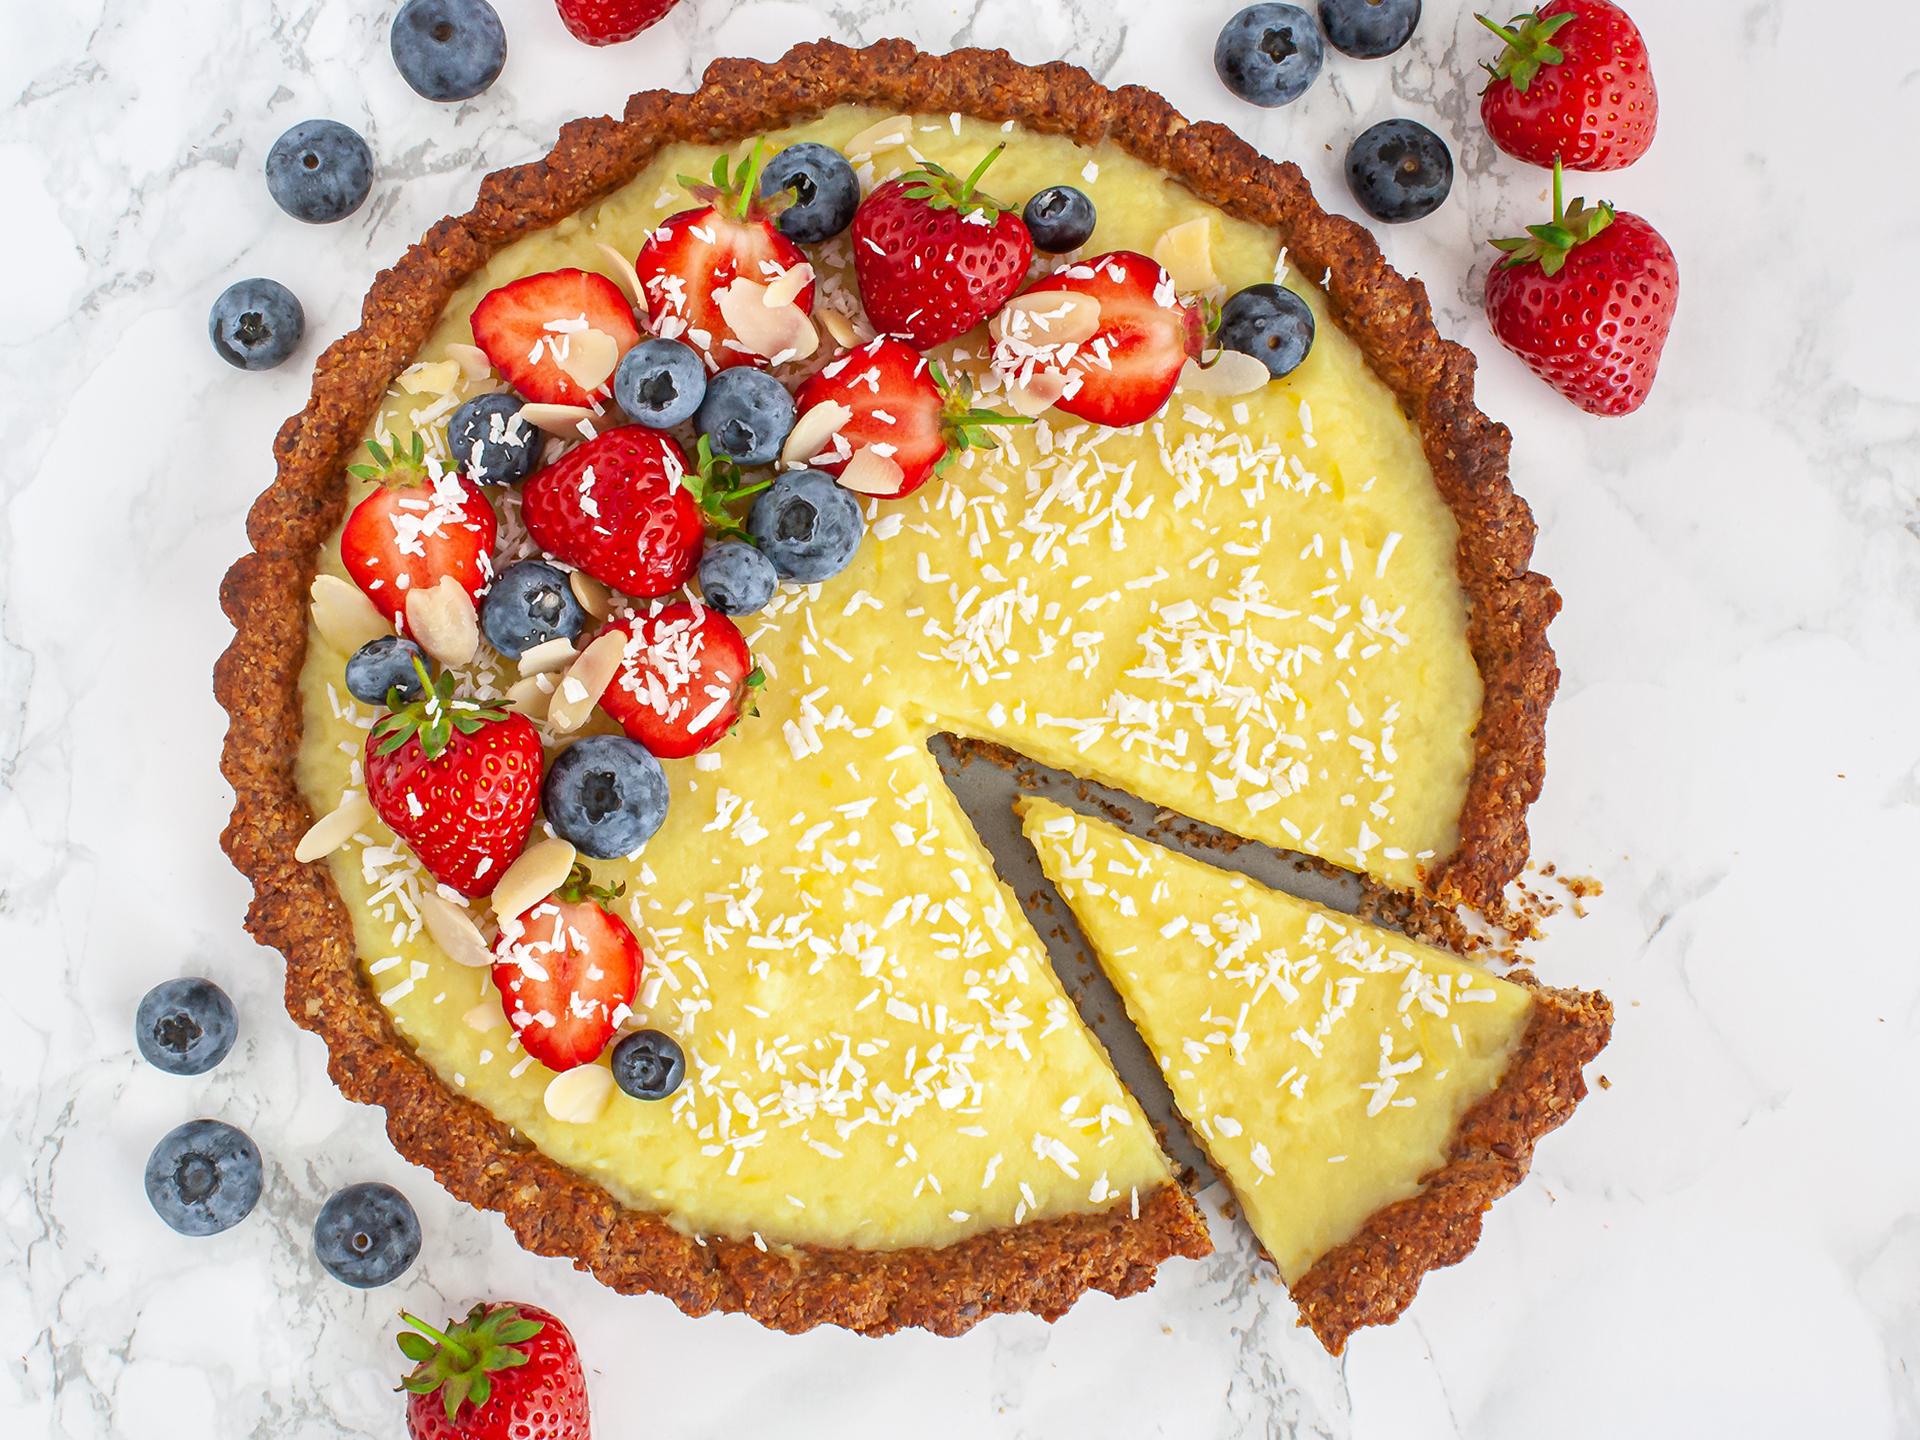 Gluten Free Vegan Lemon Tart